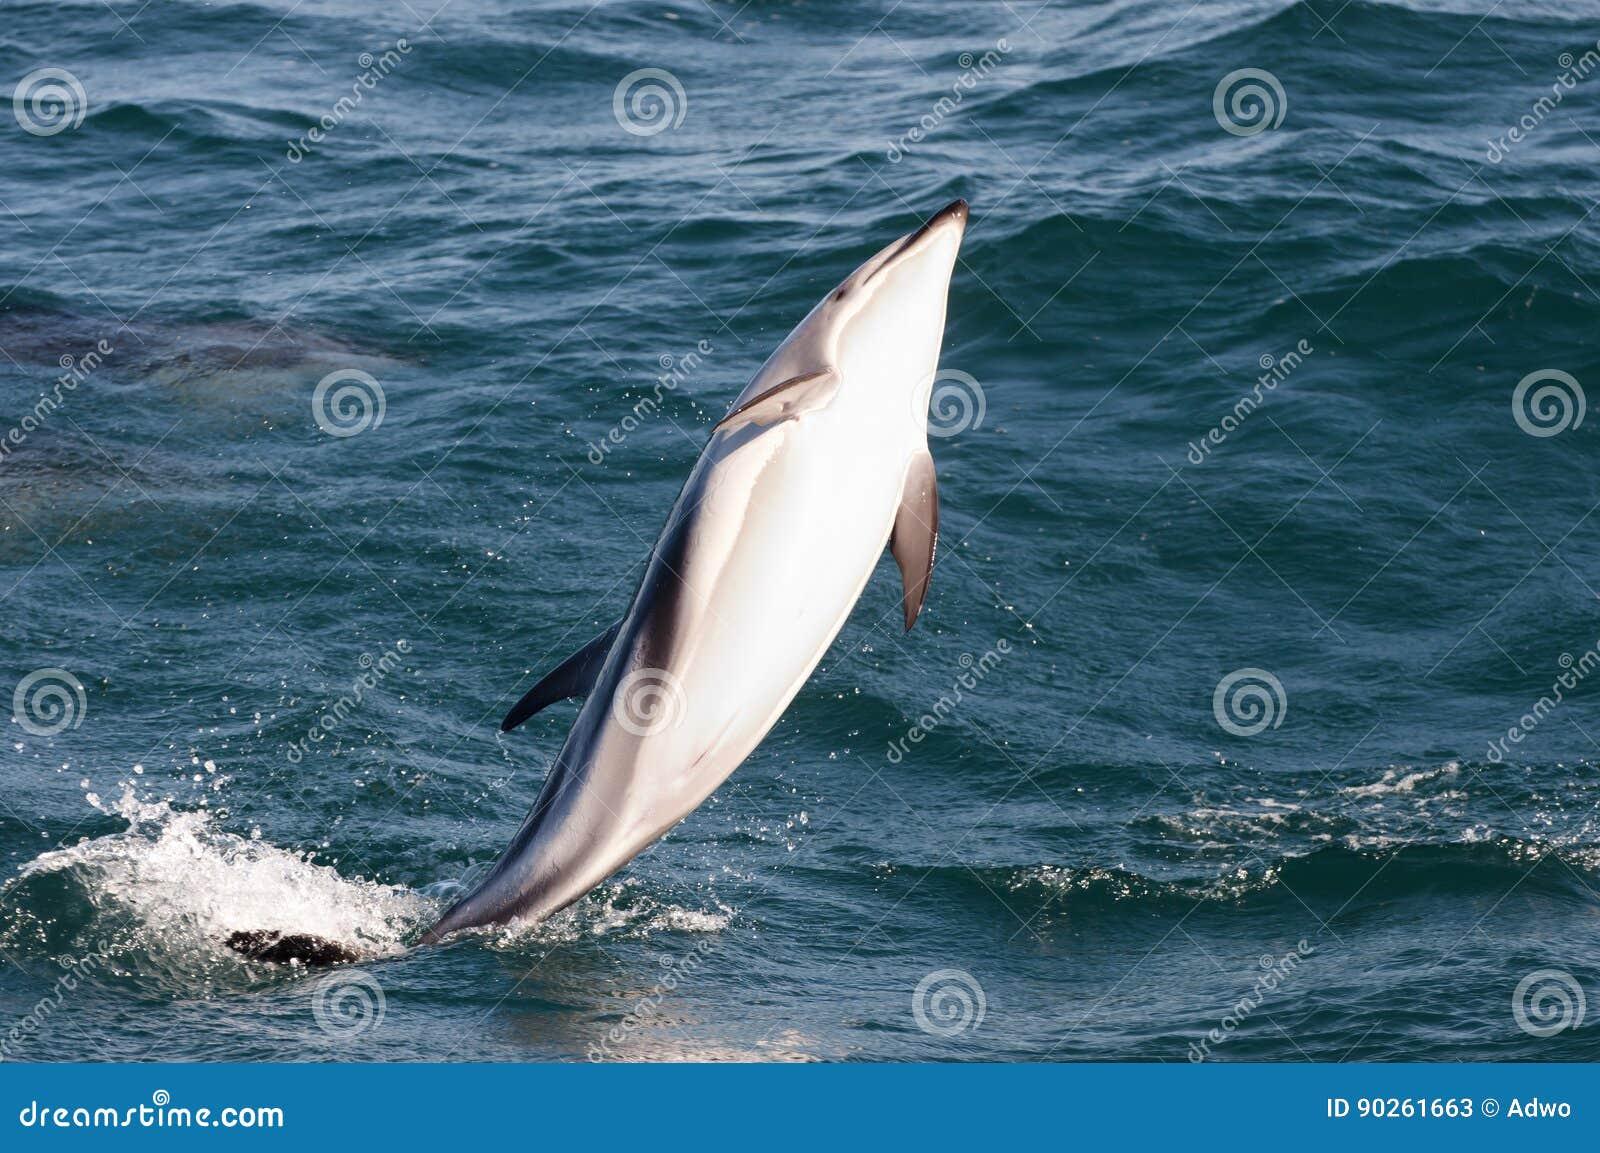 Jumping Dolphin - Kaikoura - New Zealand